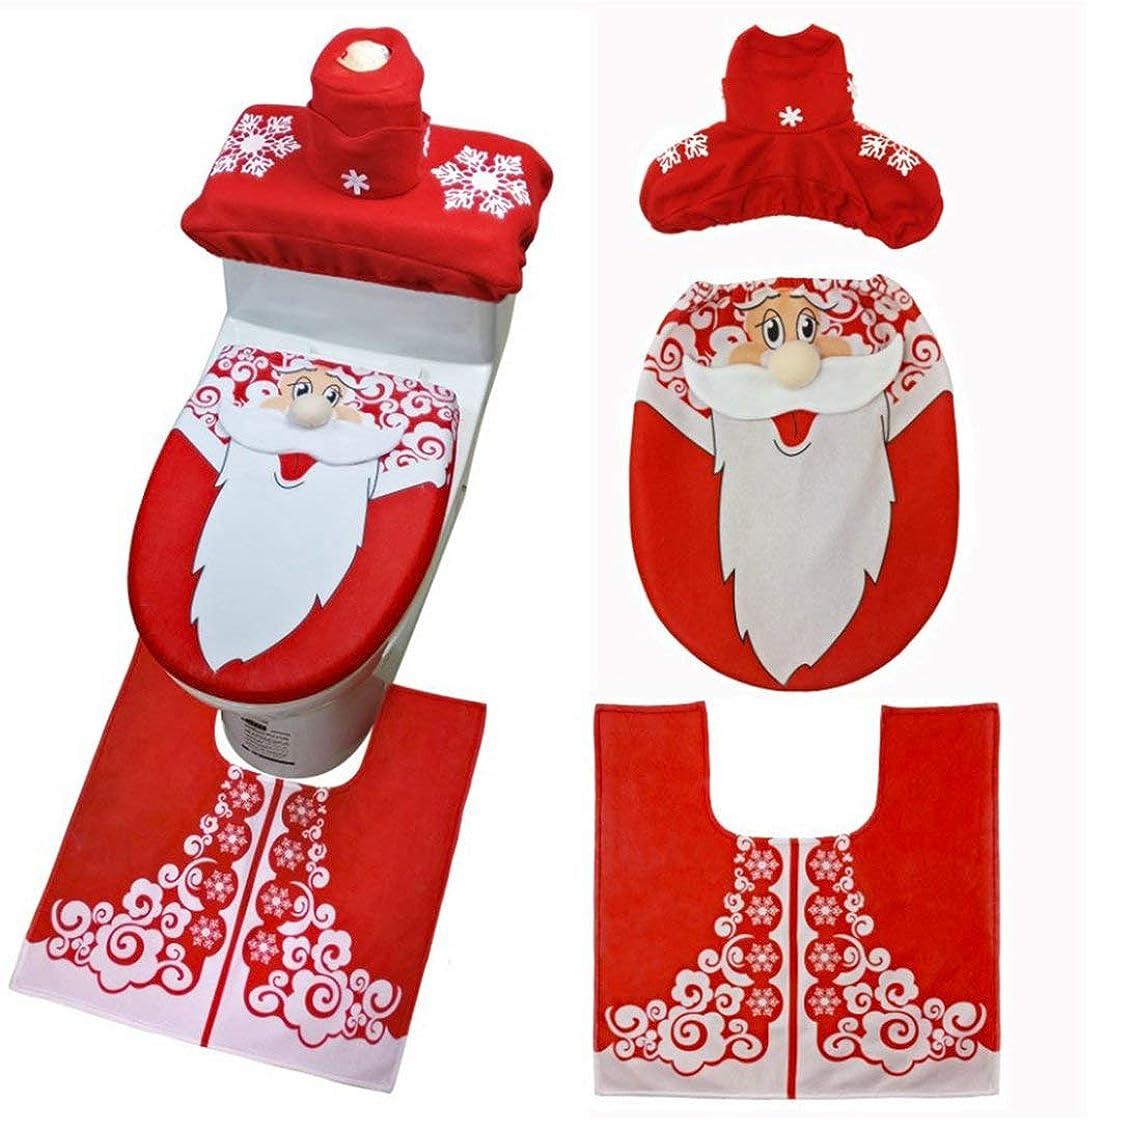 全部スカウトケーブルカーSwiftgood 3ピースクリスマストイレシート&カバーサンタクロースバスルームマットクリスマスかわいい装飾